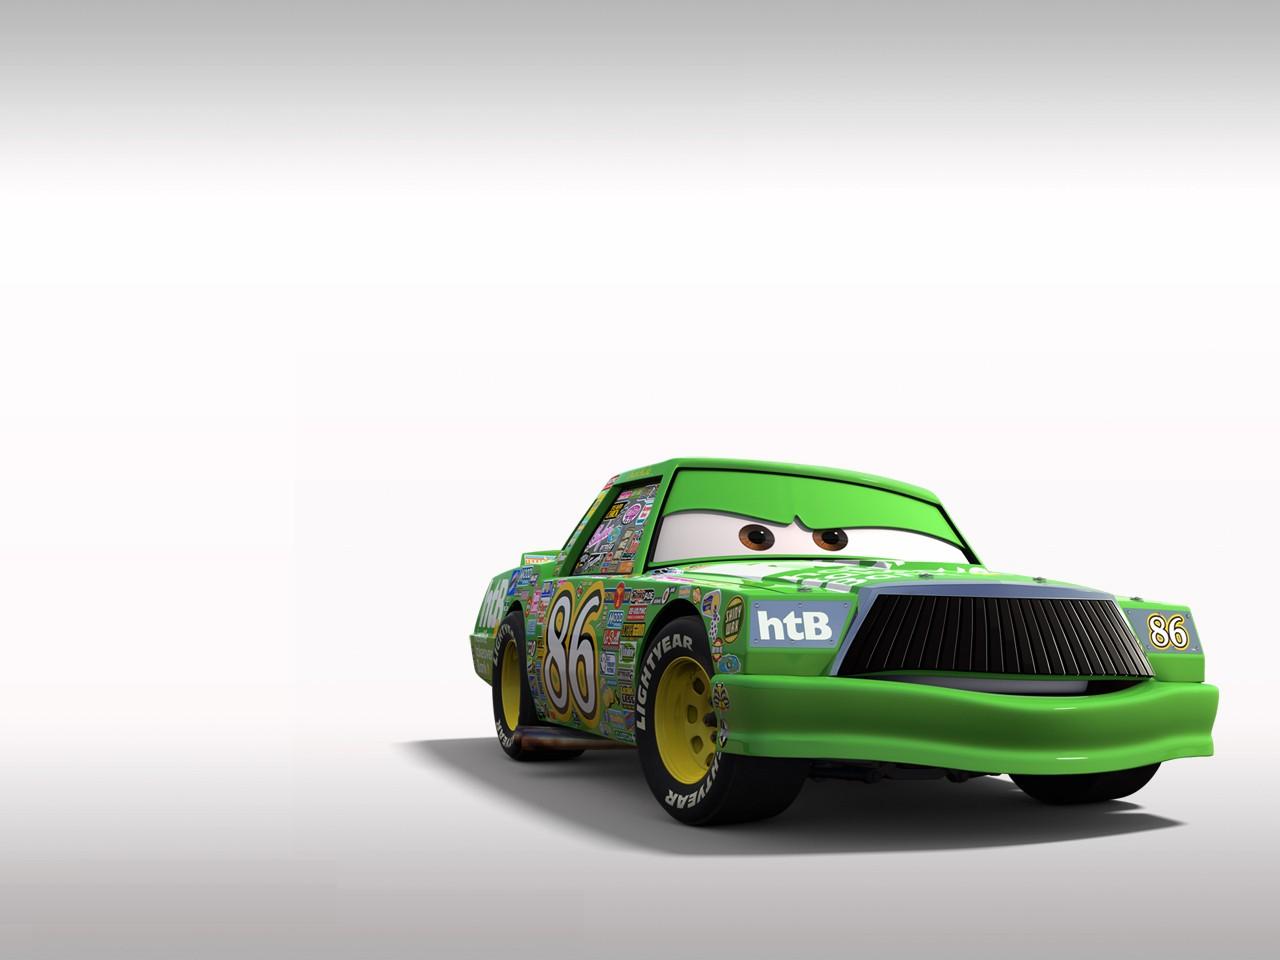 http://4.bp.blogspot.com/_ykdRtT4Egmc/TS1O8Nzhz7I/AAAAAAAAAGI/8hTfHSYaRK8/s1600/Sketches+of+chick+cartoon+cars+animation+wallpapers.jpg